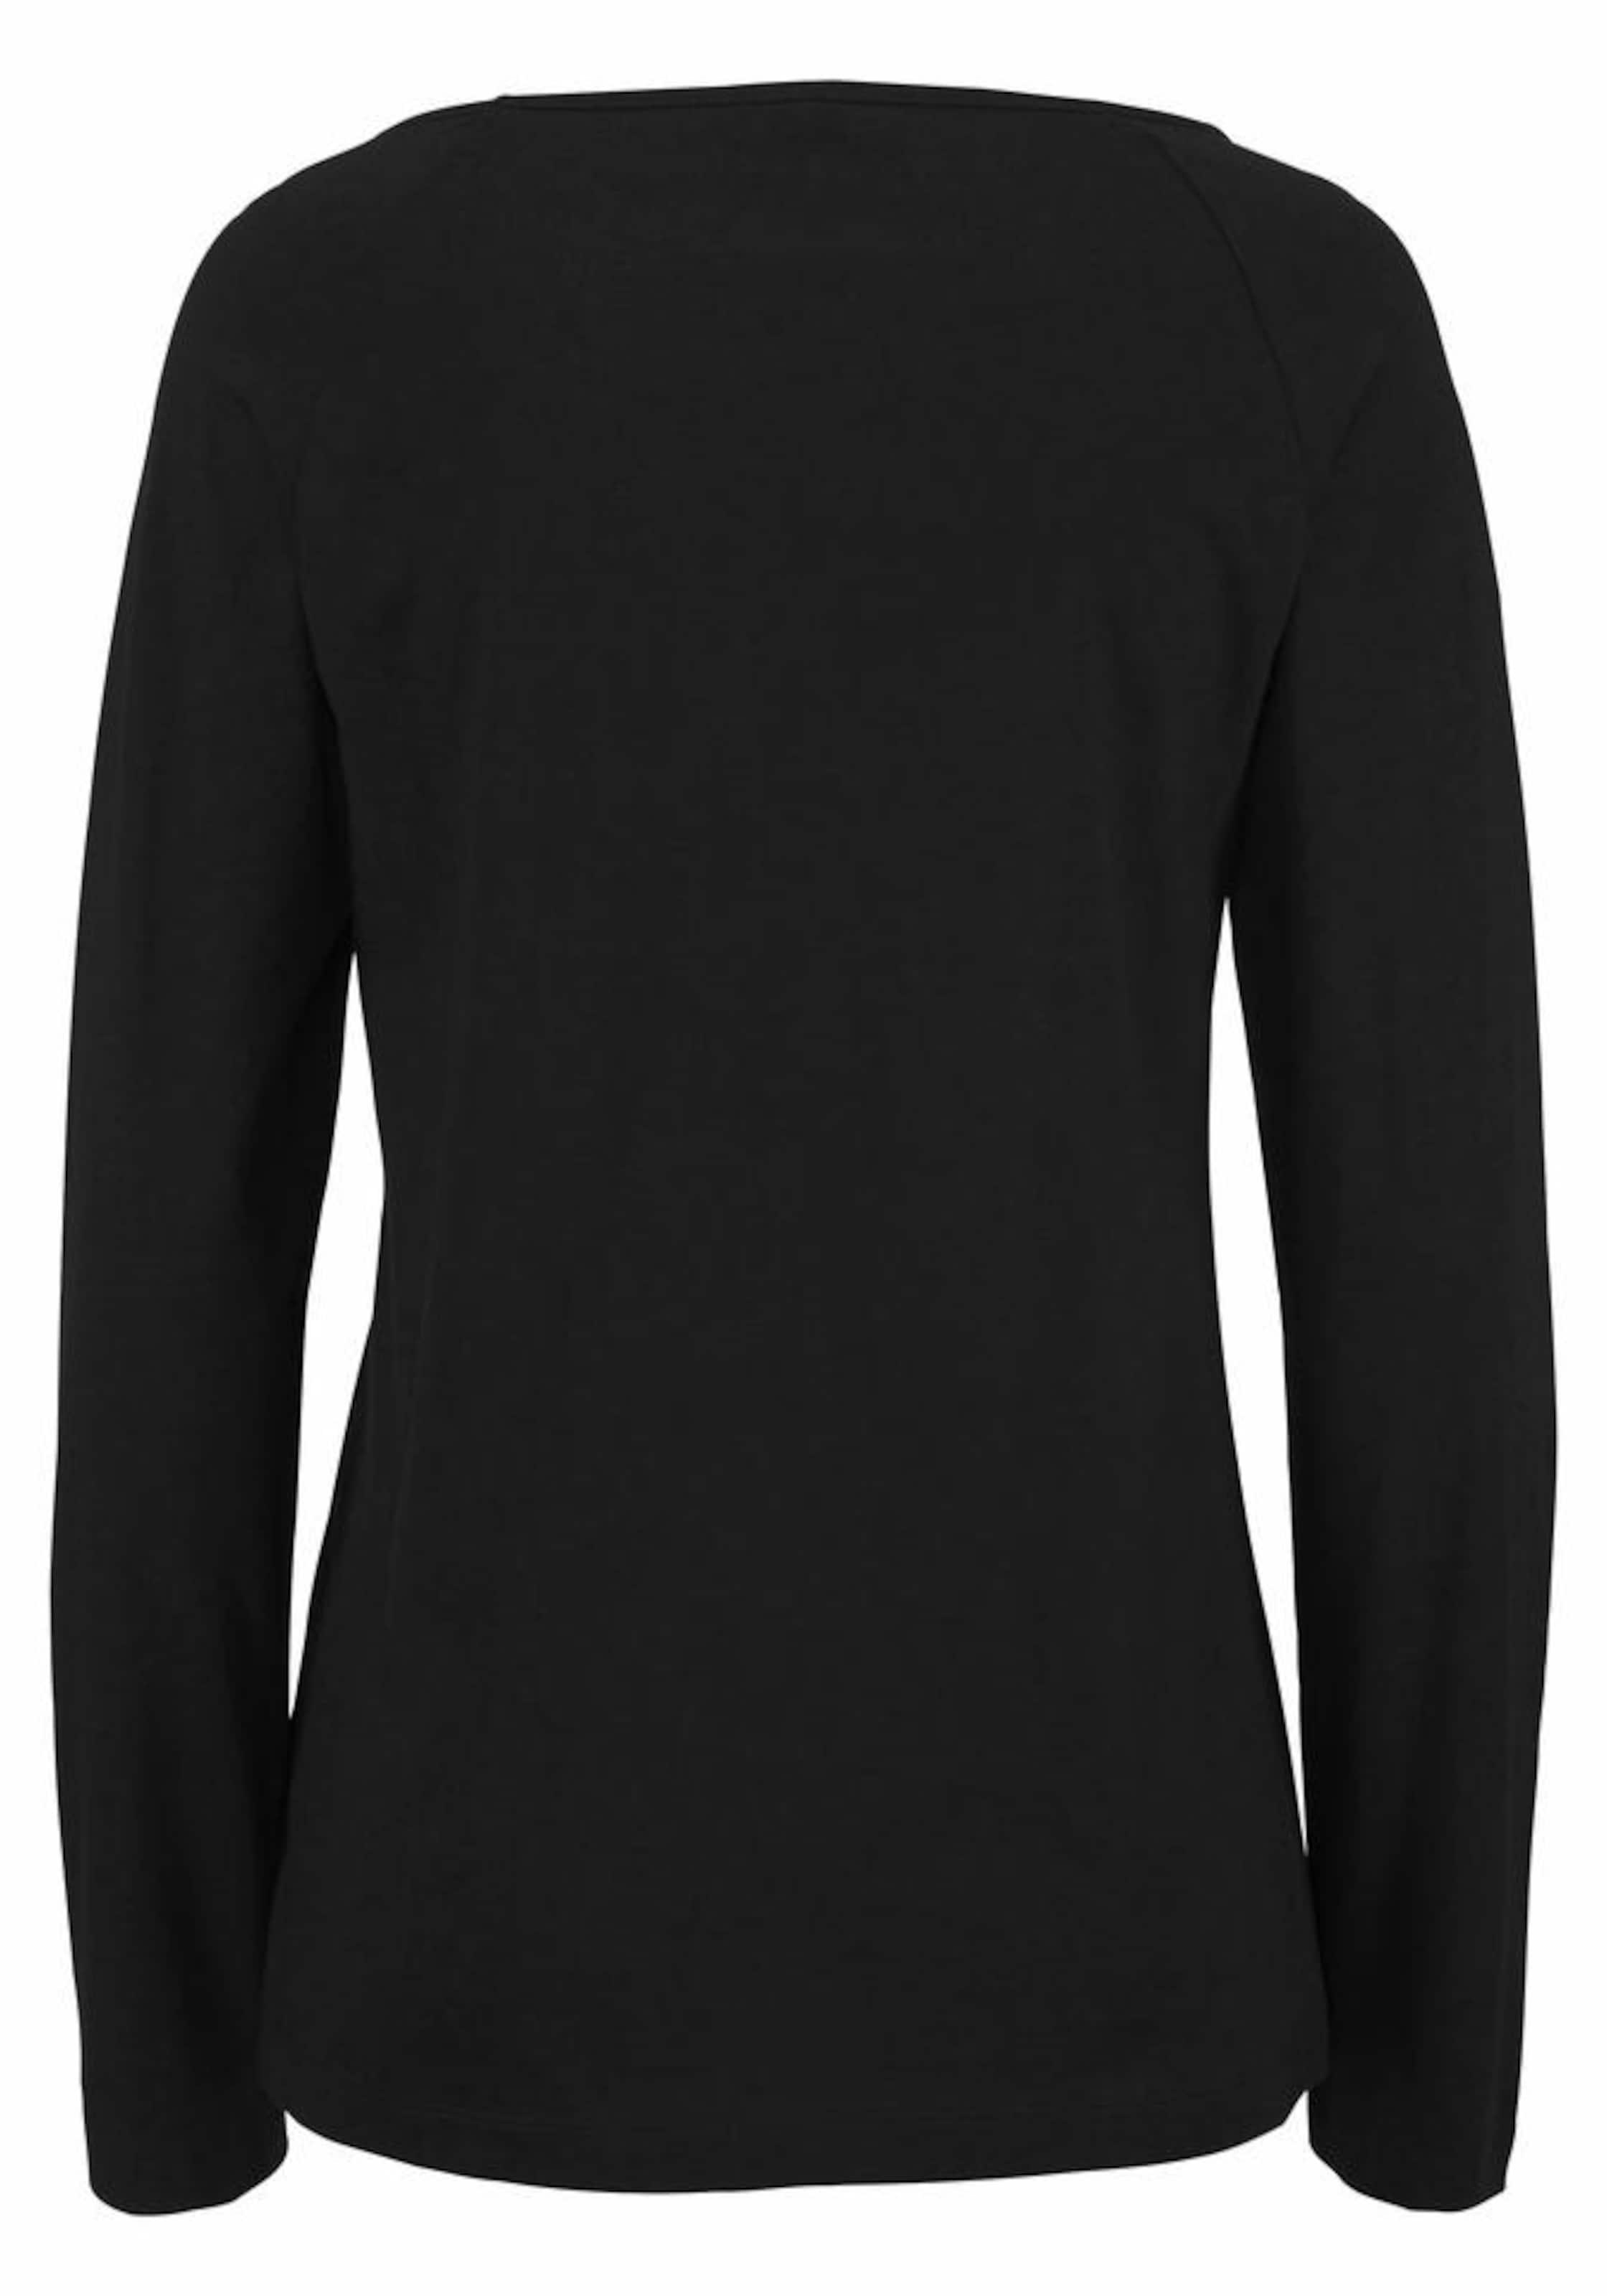 Schwarz oliver Shirt Raglanärmeln S Mit In 5A4jR3L